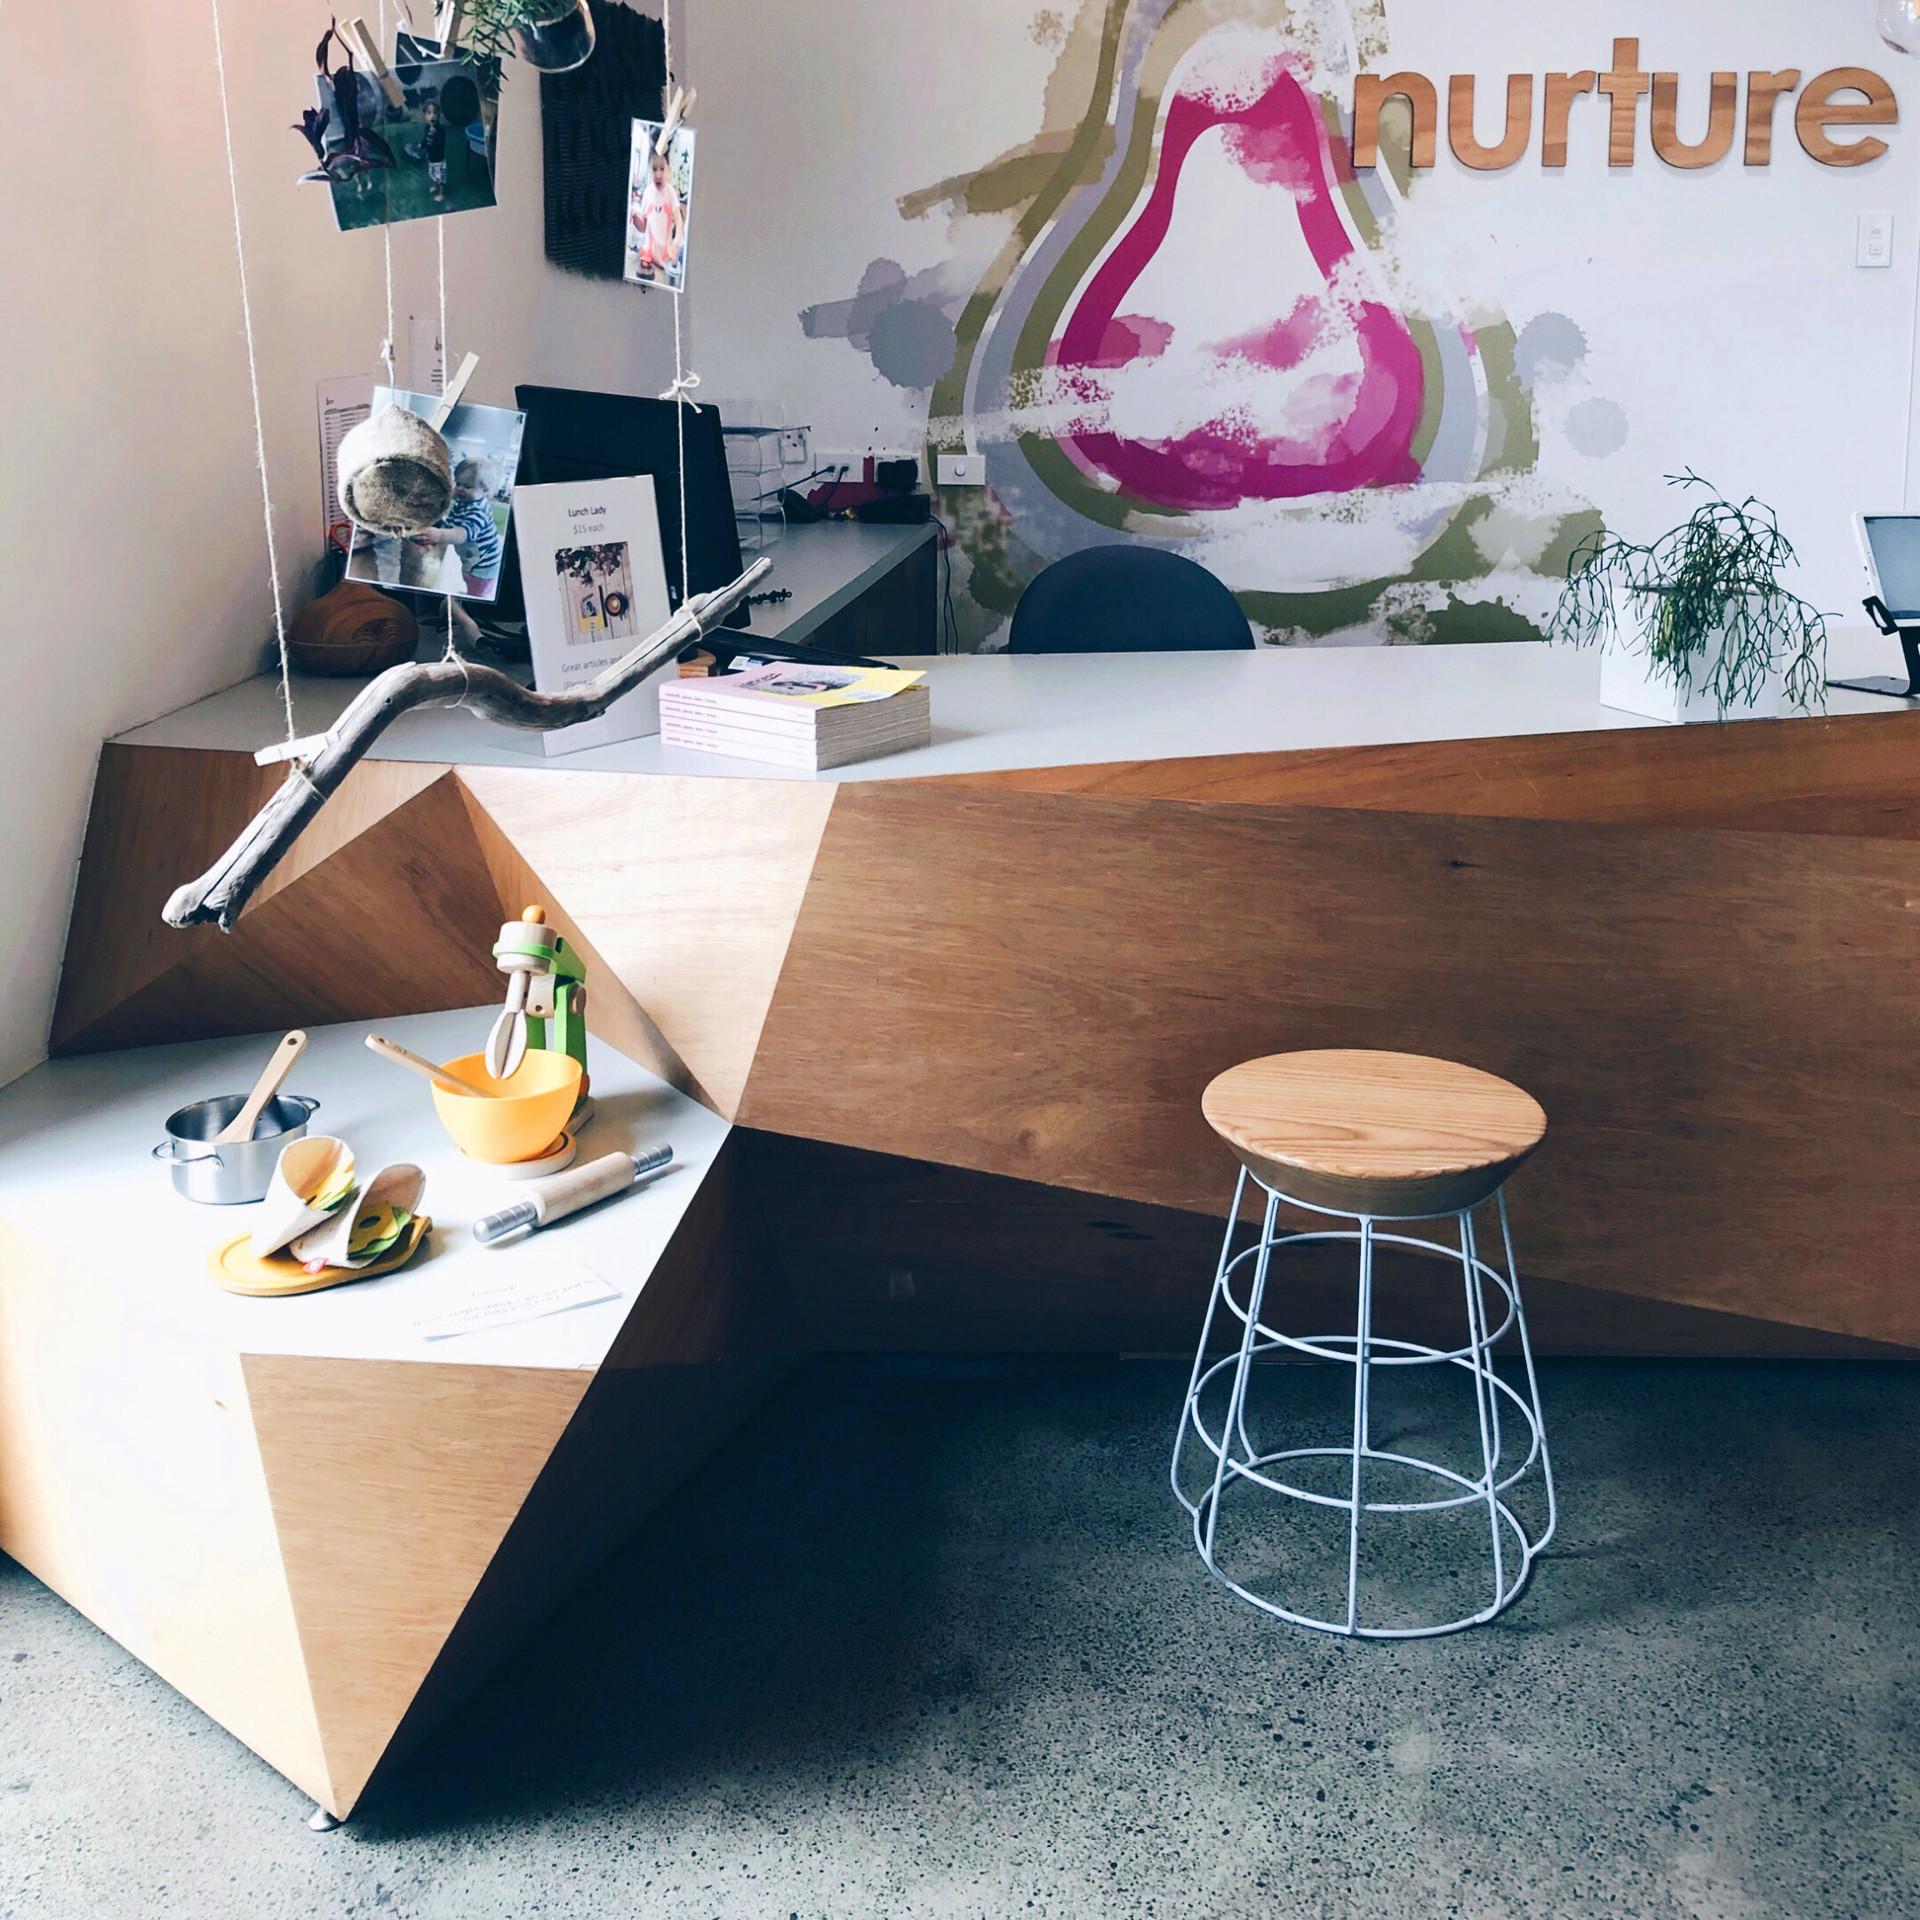 Nurture reception desk